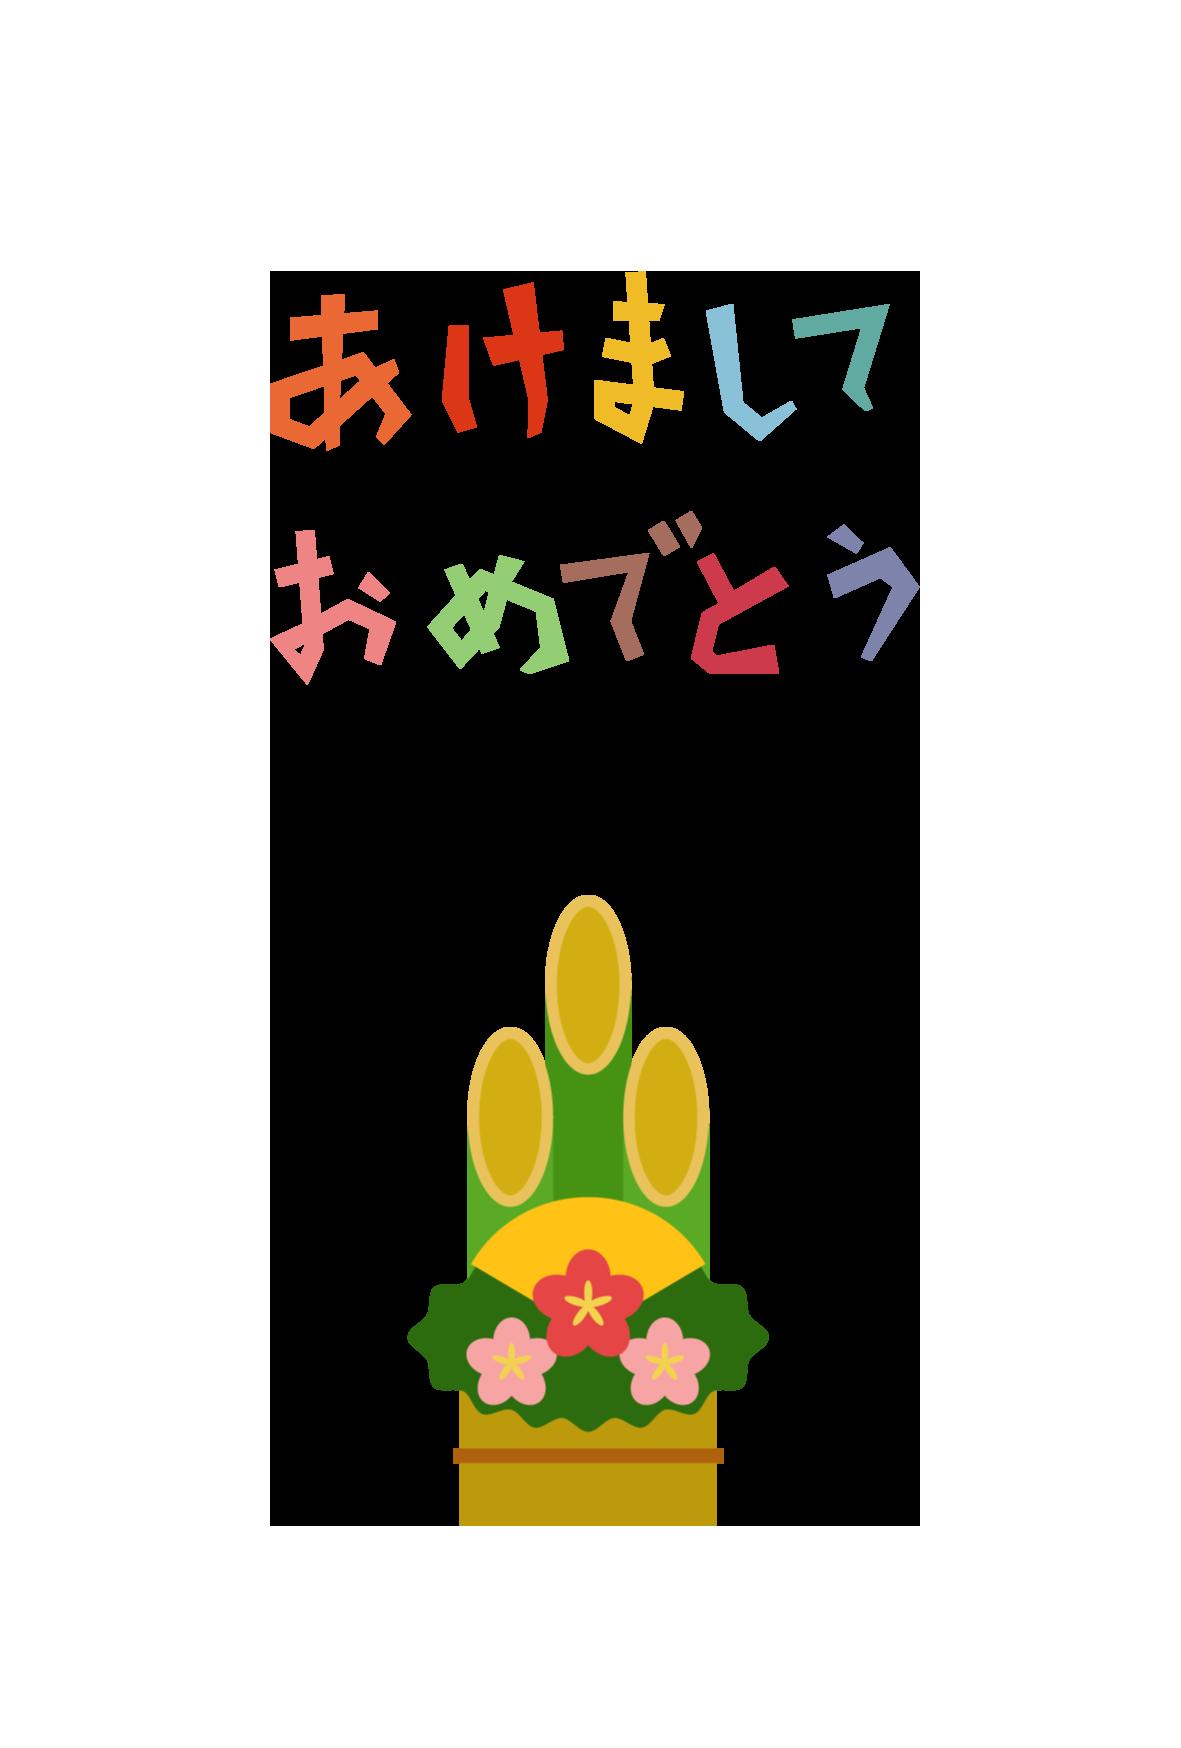 年賀状 シンプルテンプレート門松02 無料 イラストk